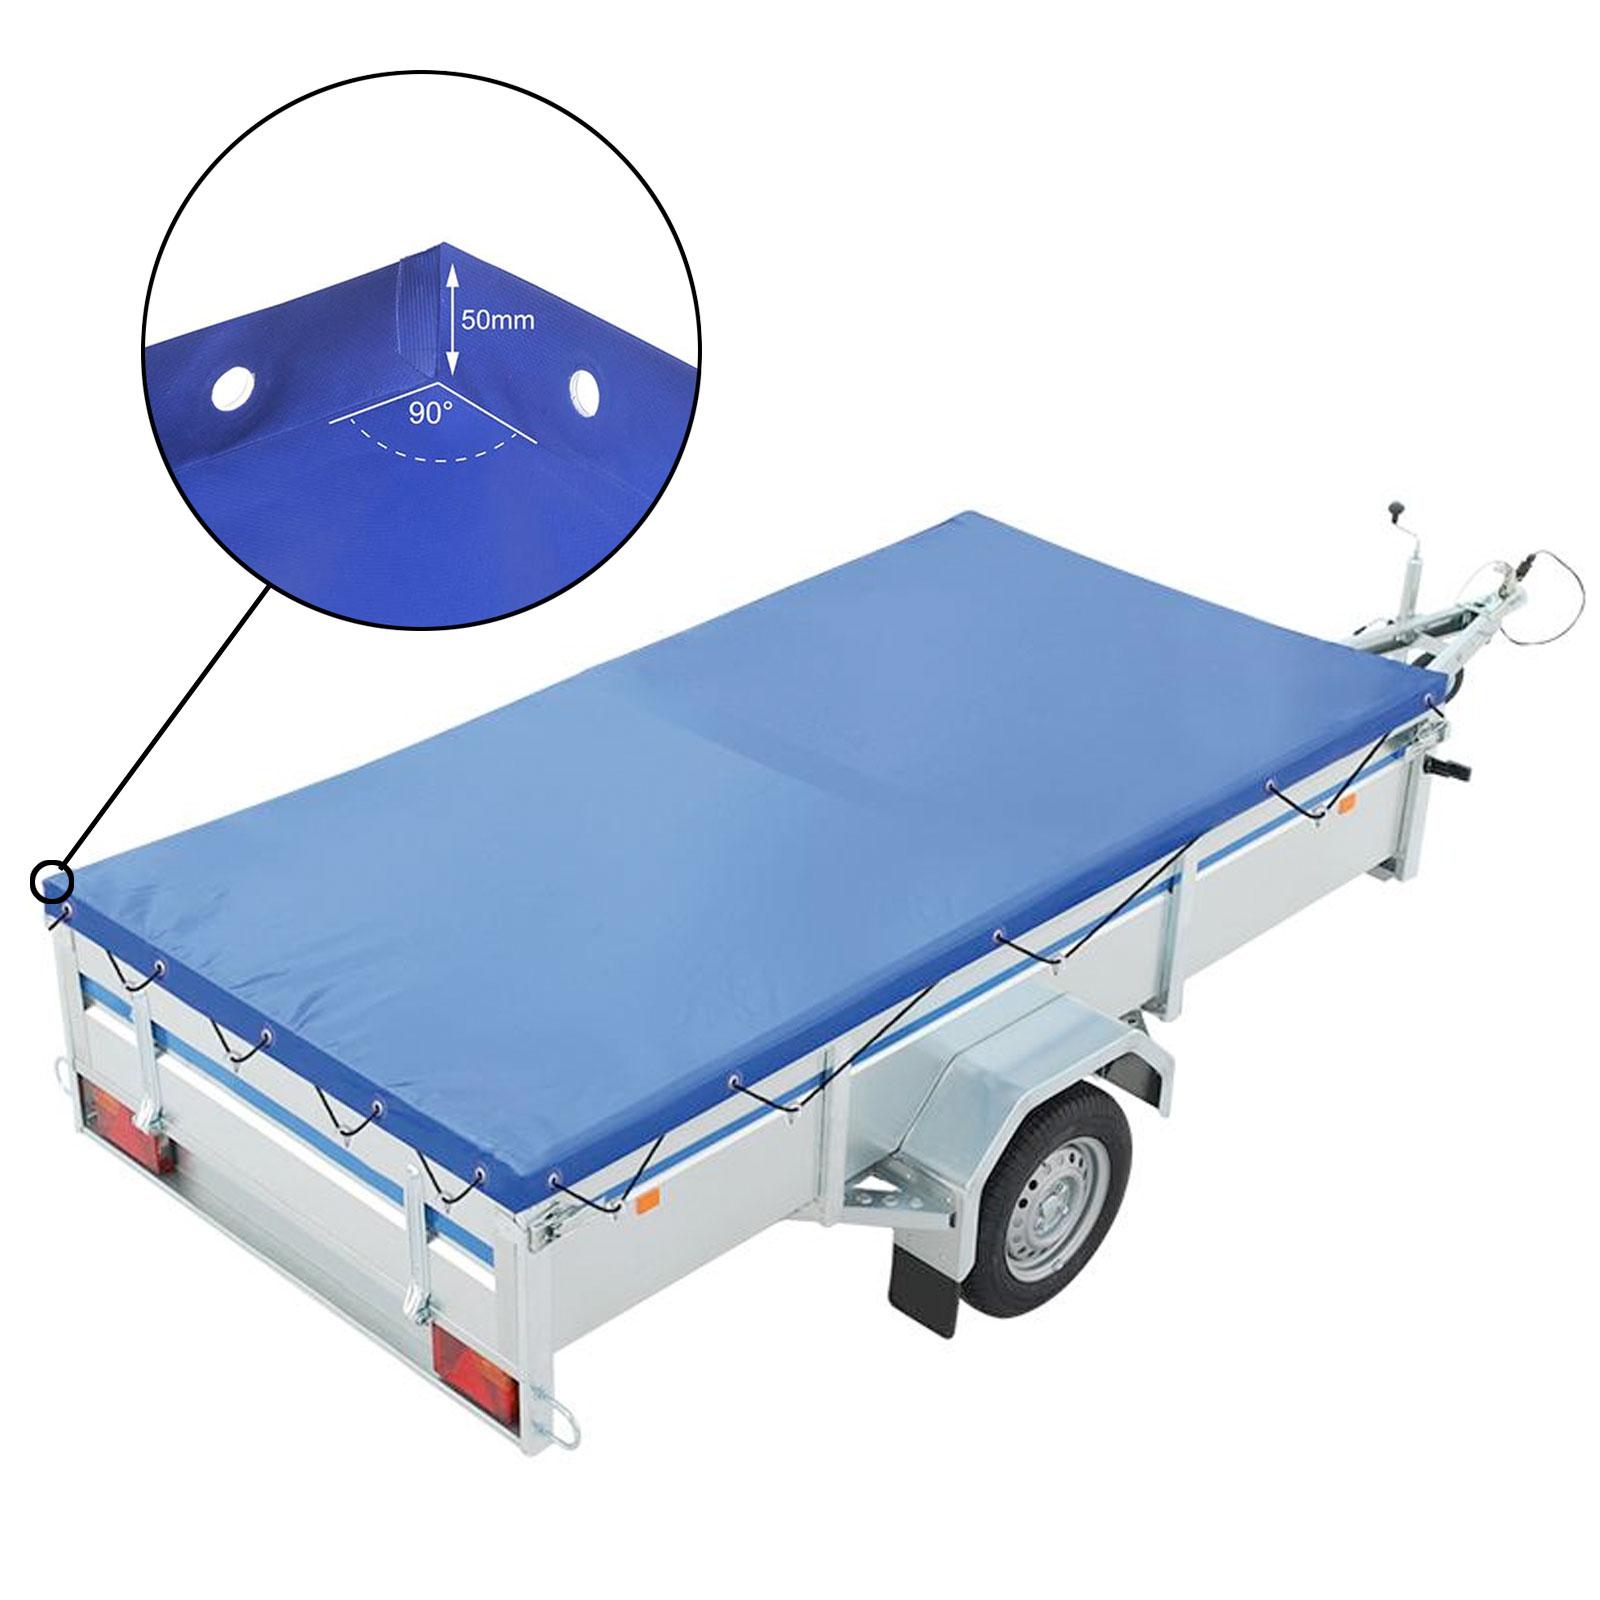 Anhänger Flachplane Blau mit Gummigurt 2575x1345x50 mm